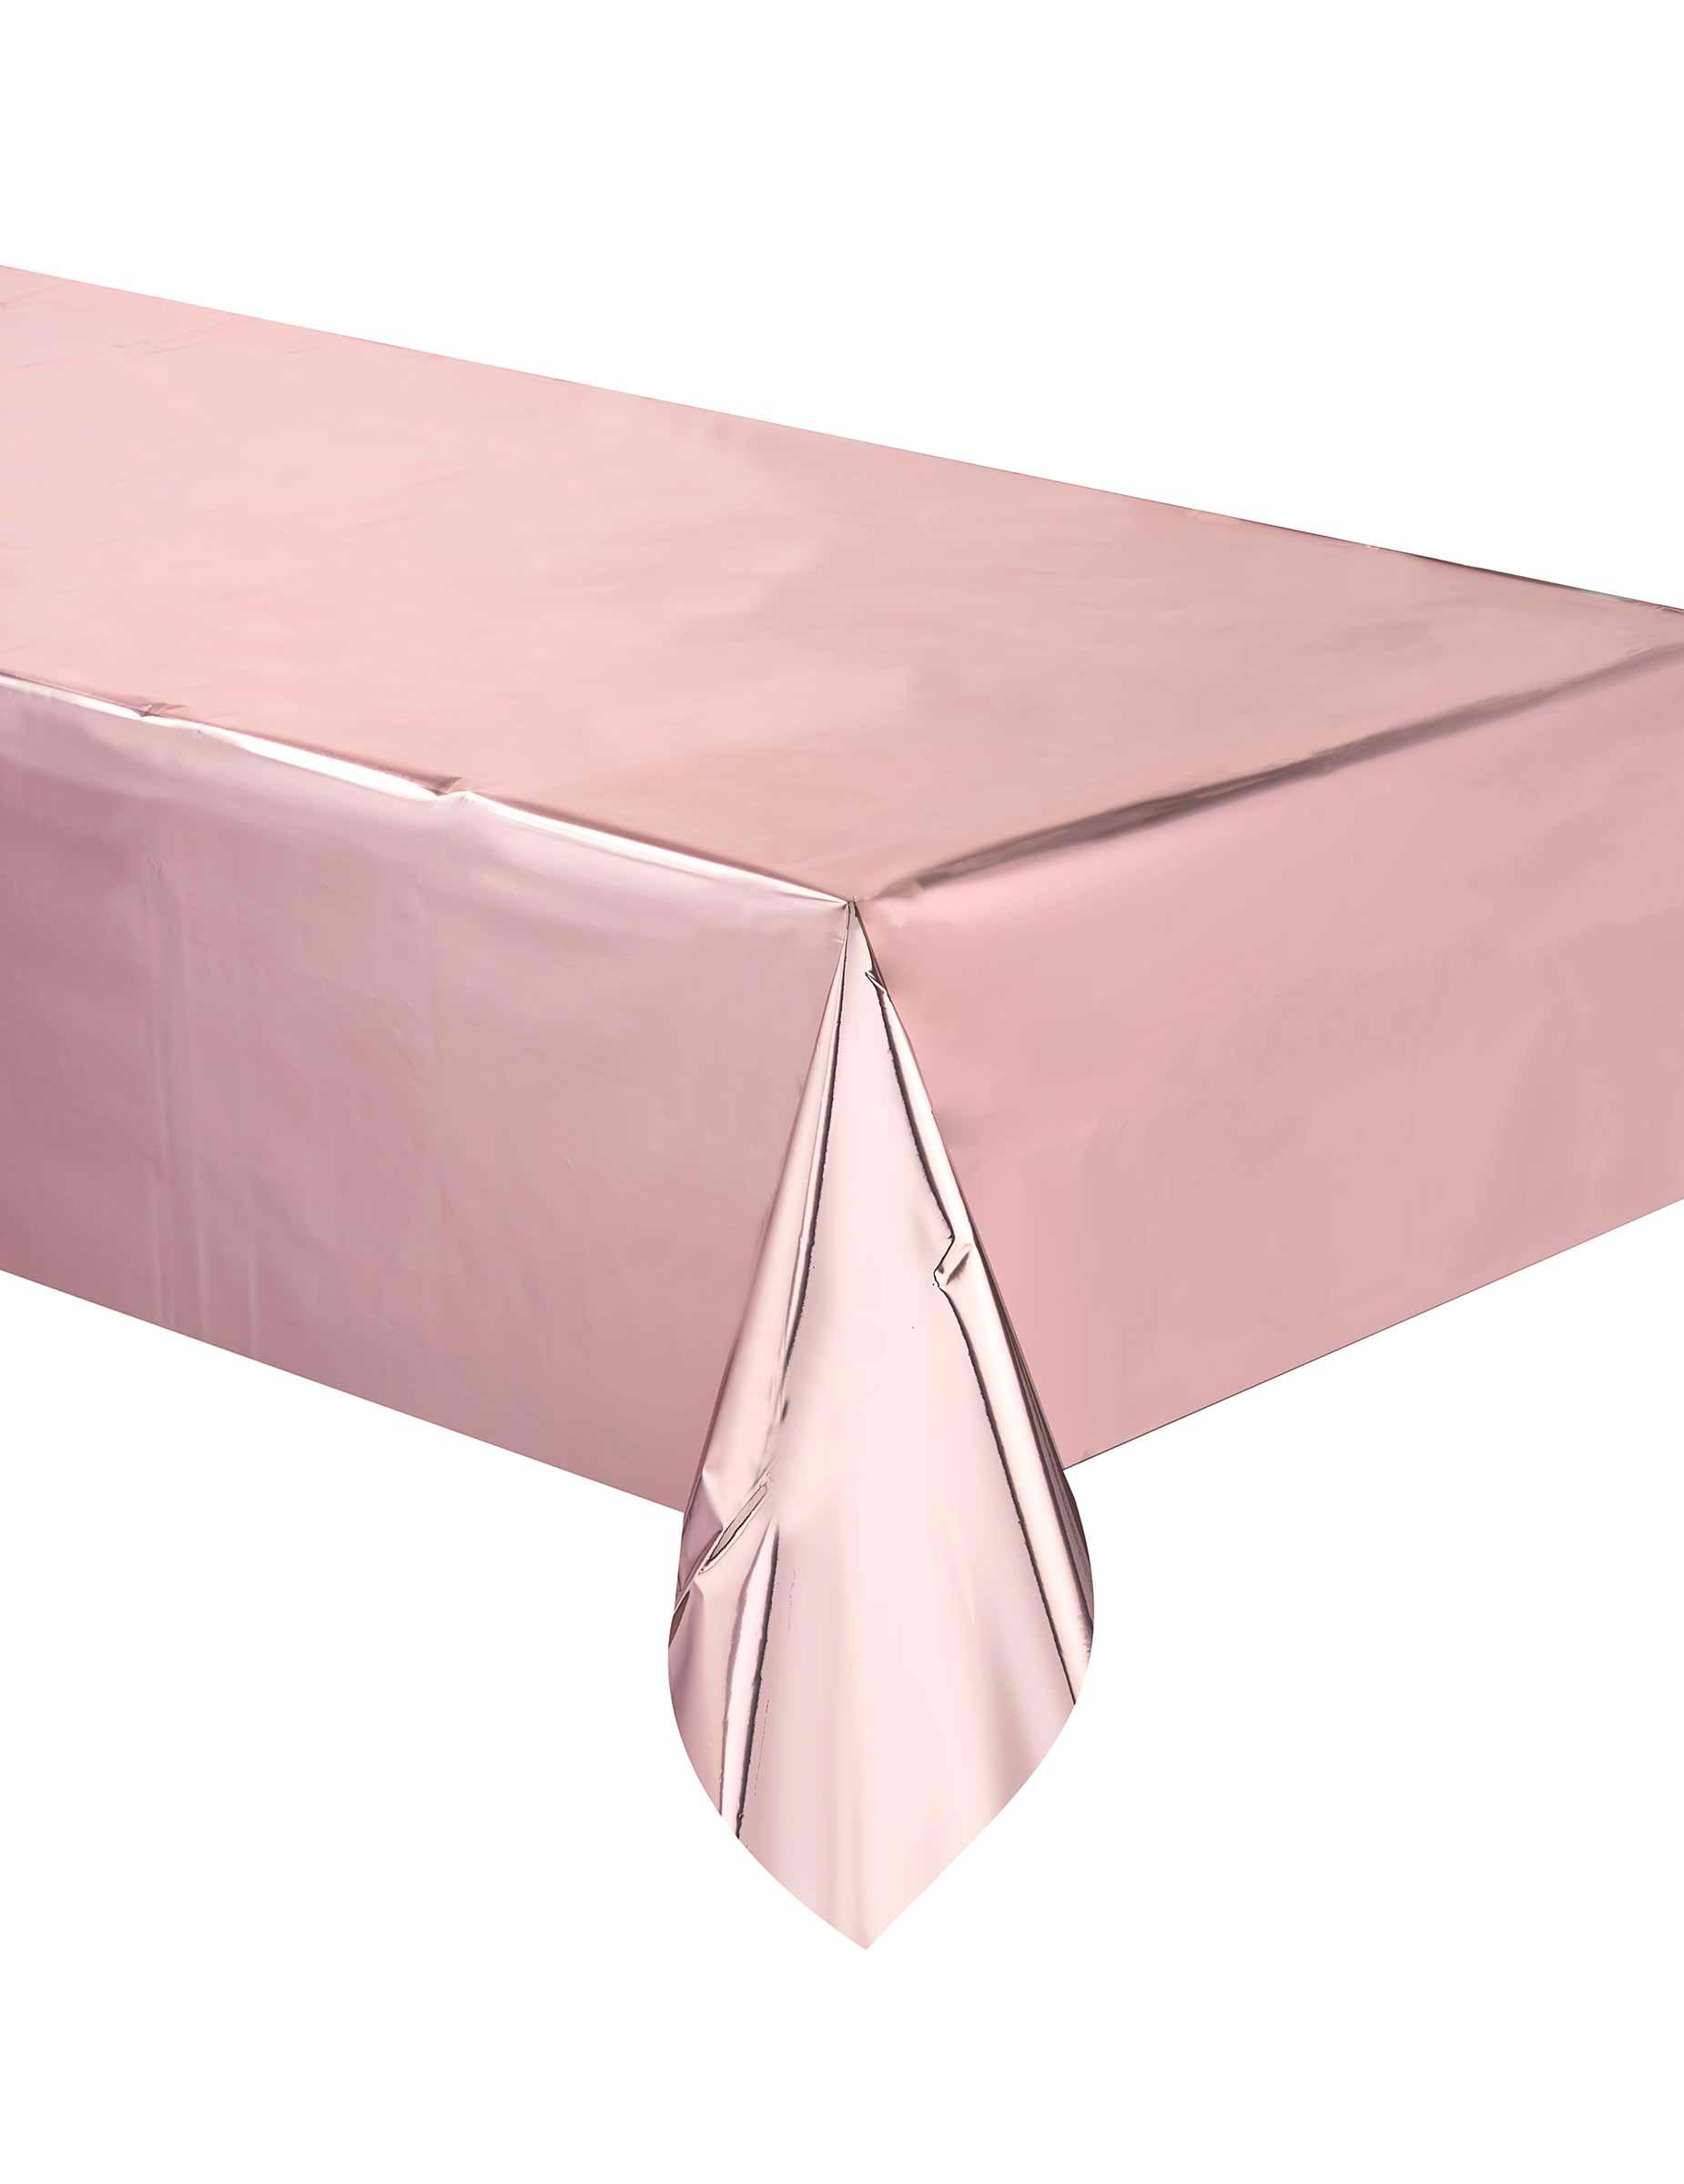 Tischdecke rosa 137x274cm,